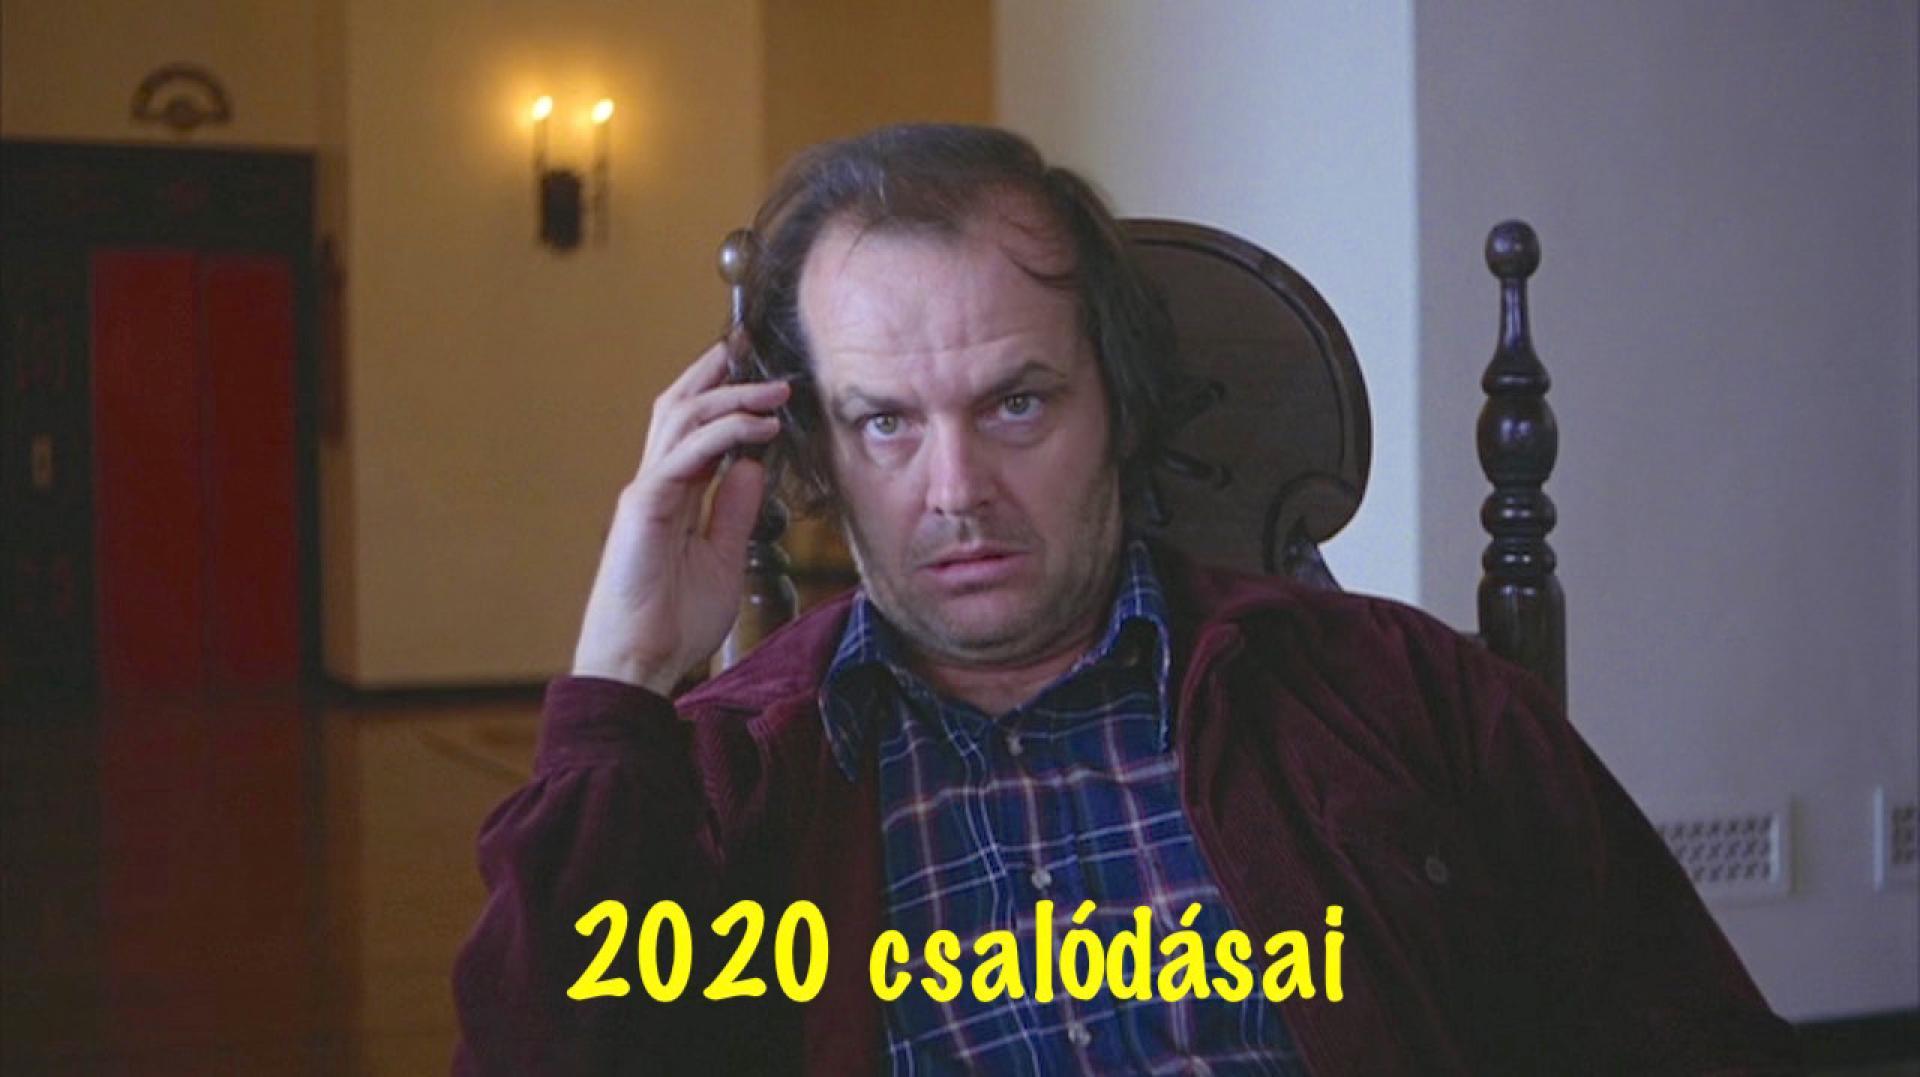 2020 csalódásai